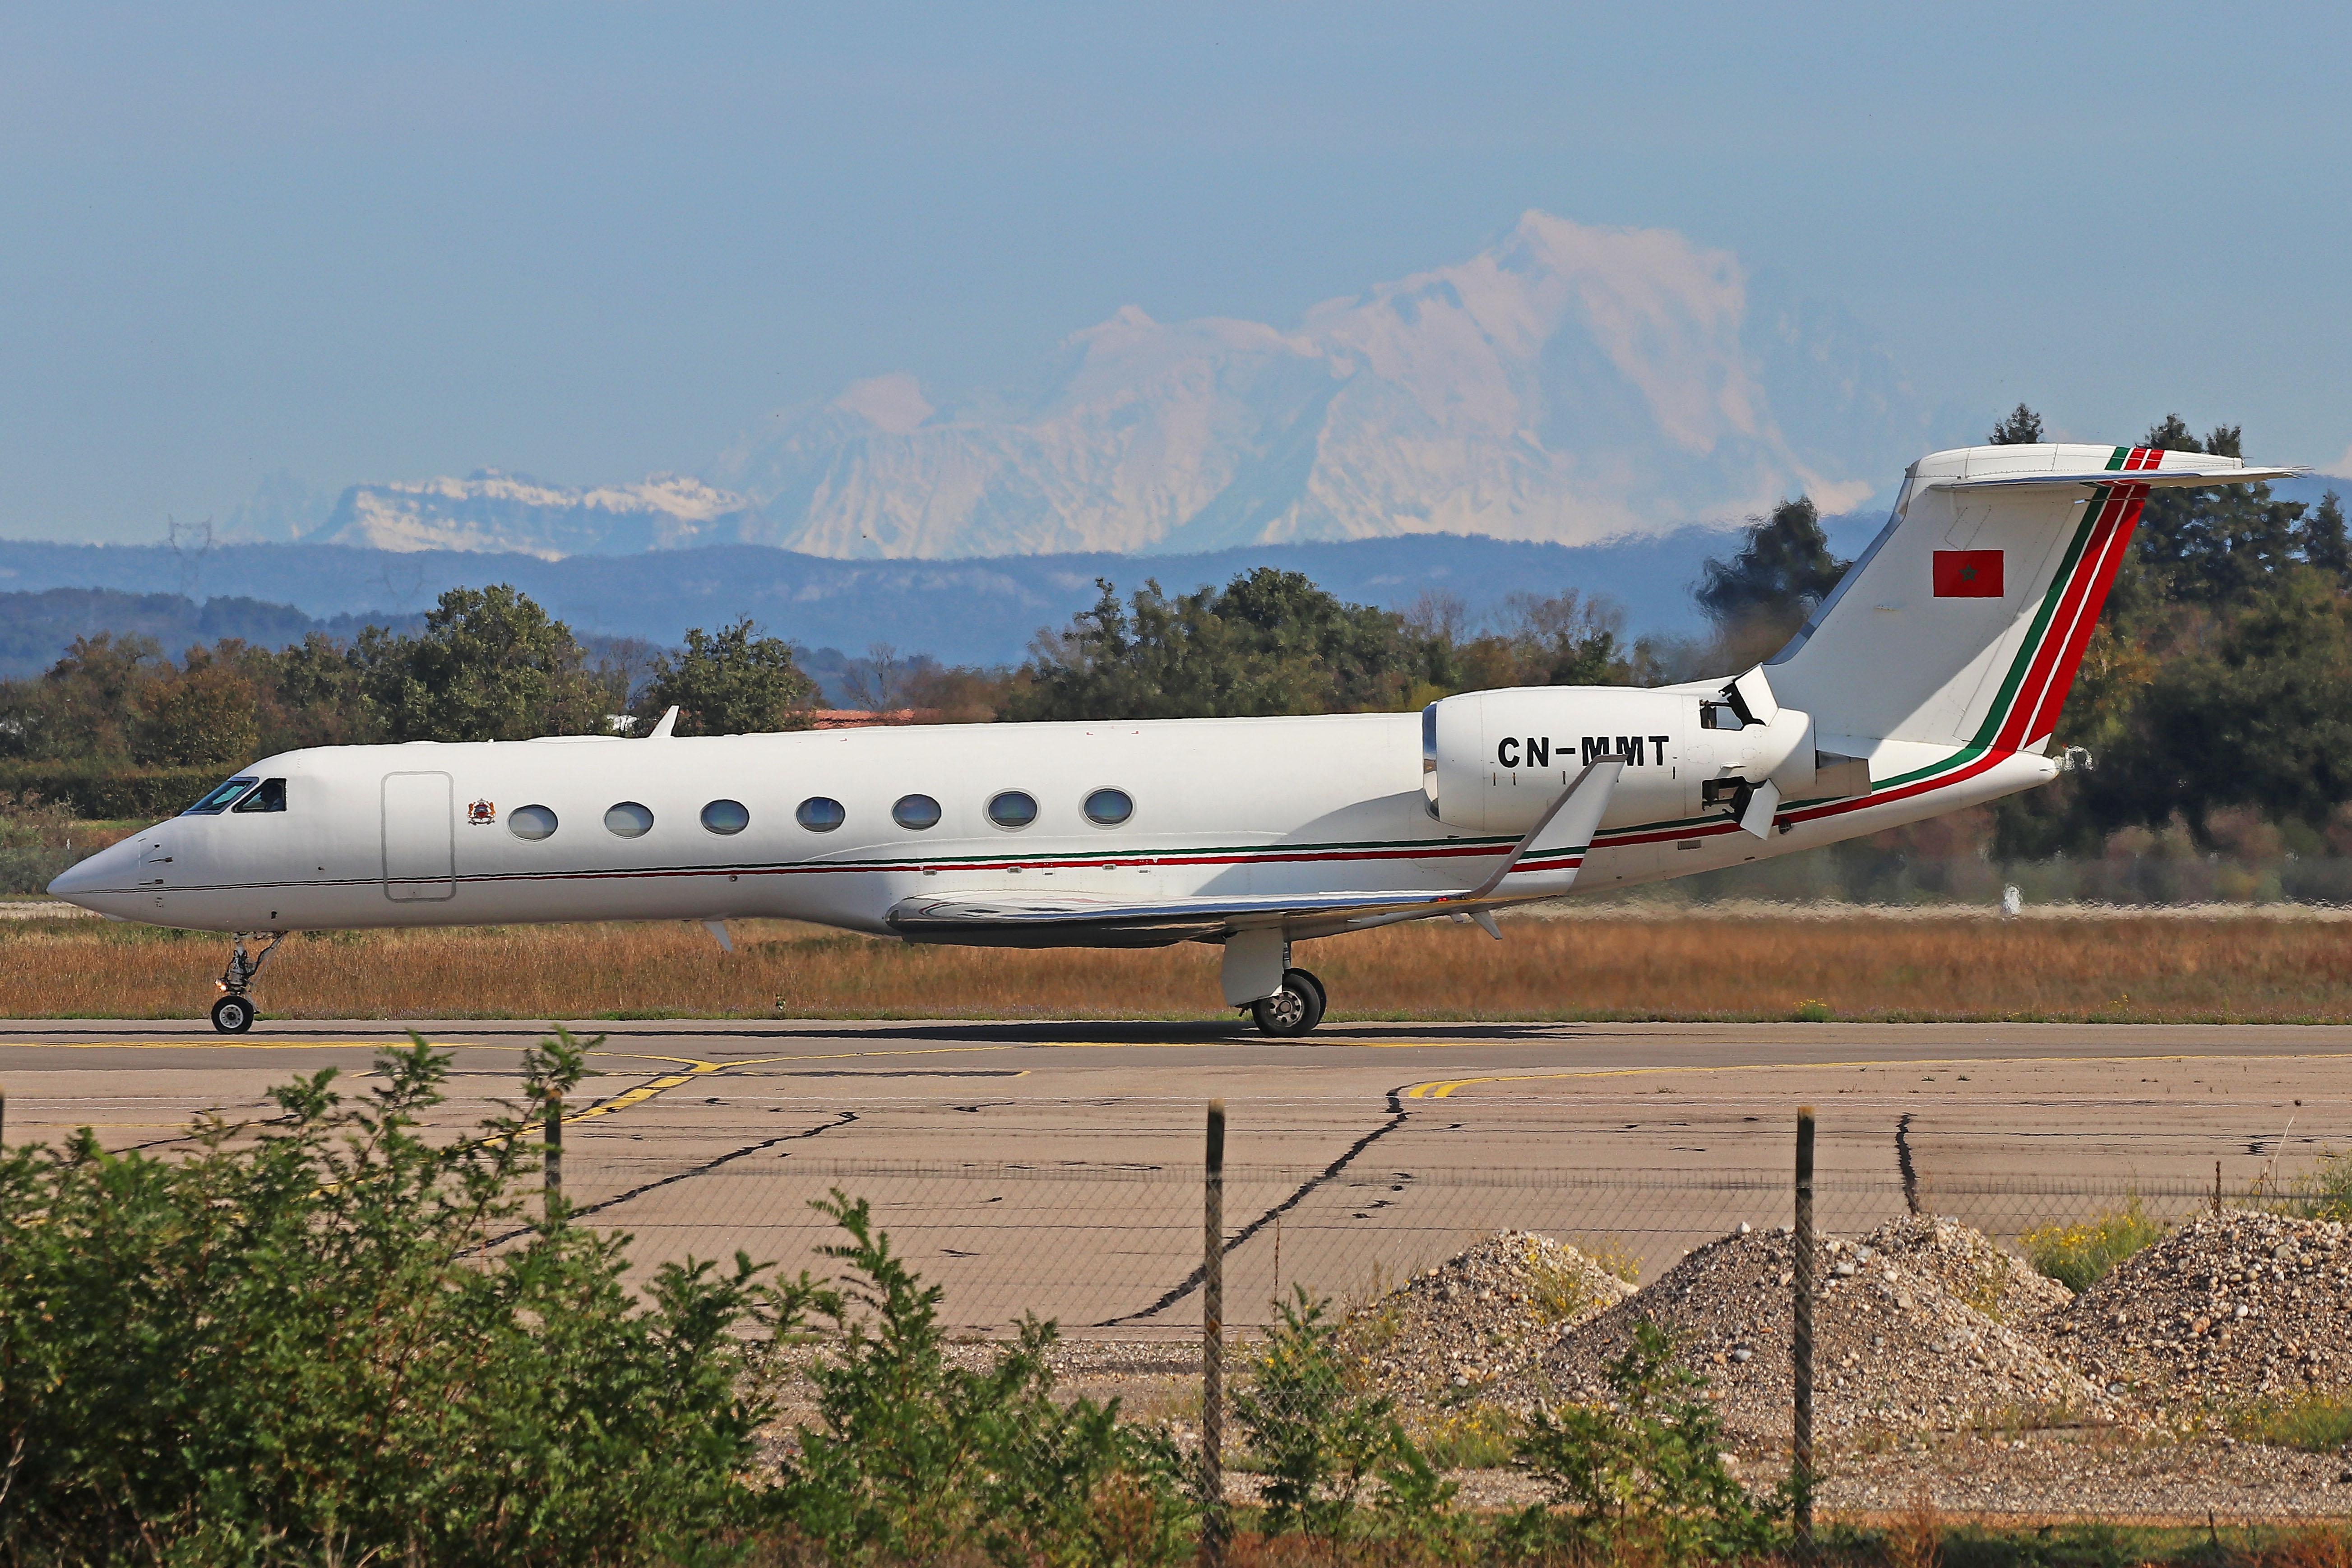 FRA: Avions VIP, Liaison & ECM - Page 25 50436949101_0683148924_o_d